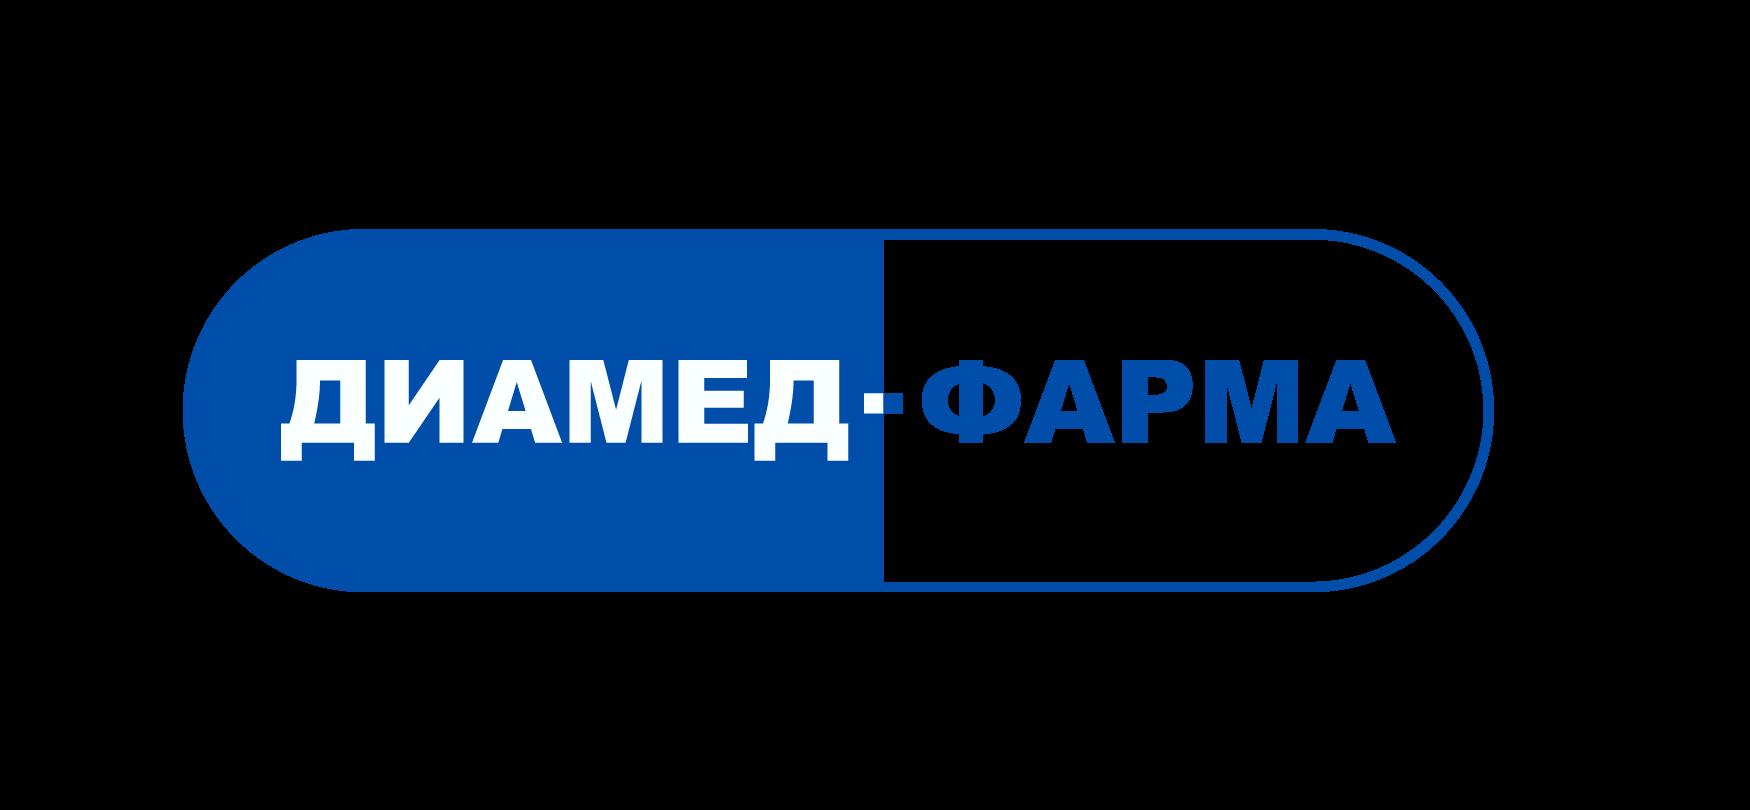 Diamed-Farma